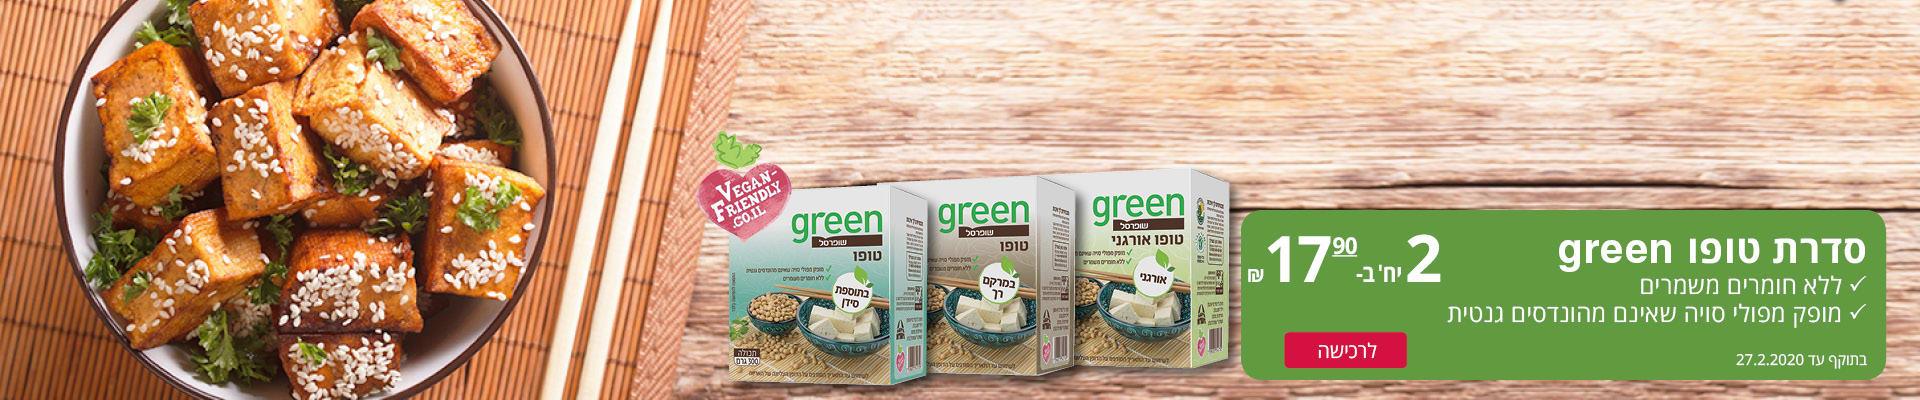 סדרת טופו green ללא חומרים משמרים מופק מפולי סויה שאינם מהונדסים גנטית 2 יחידות ב- 17.90 ₪. בתוקף עד 27.2.2020